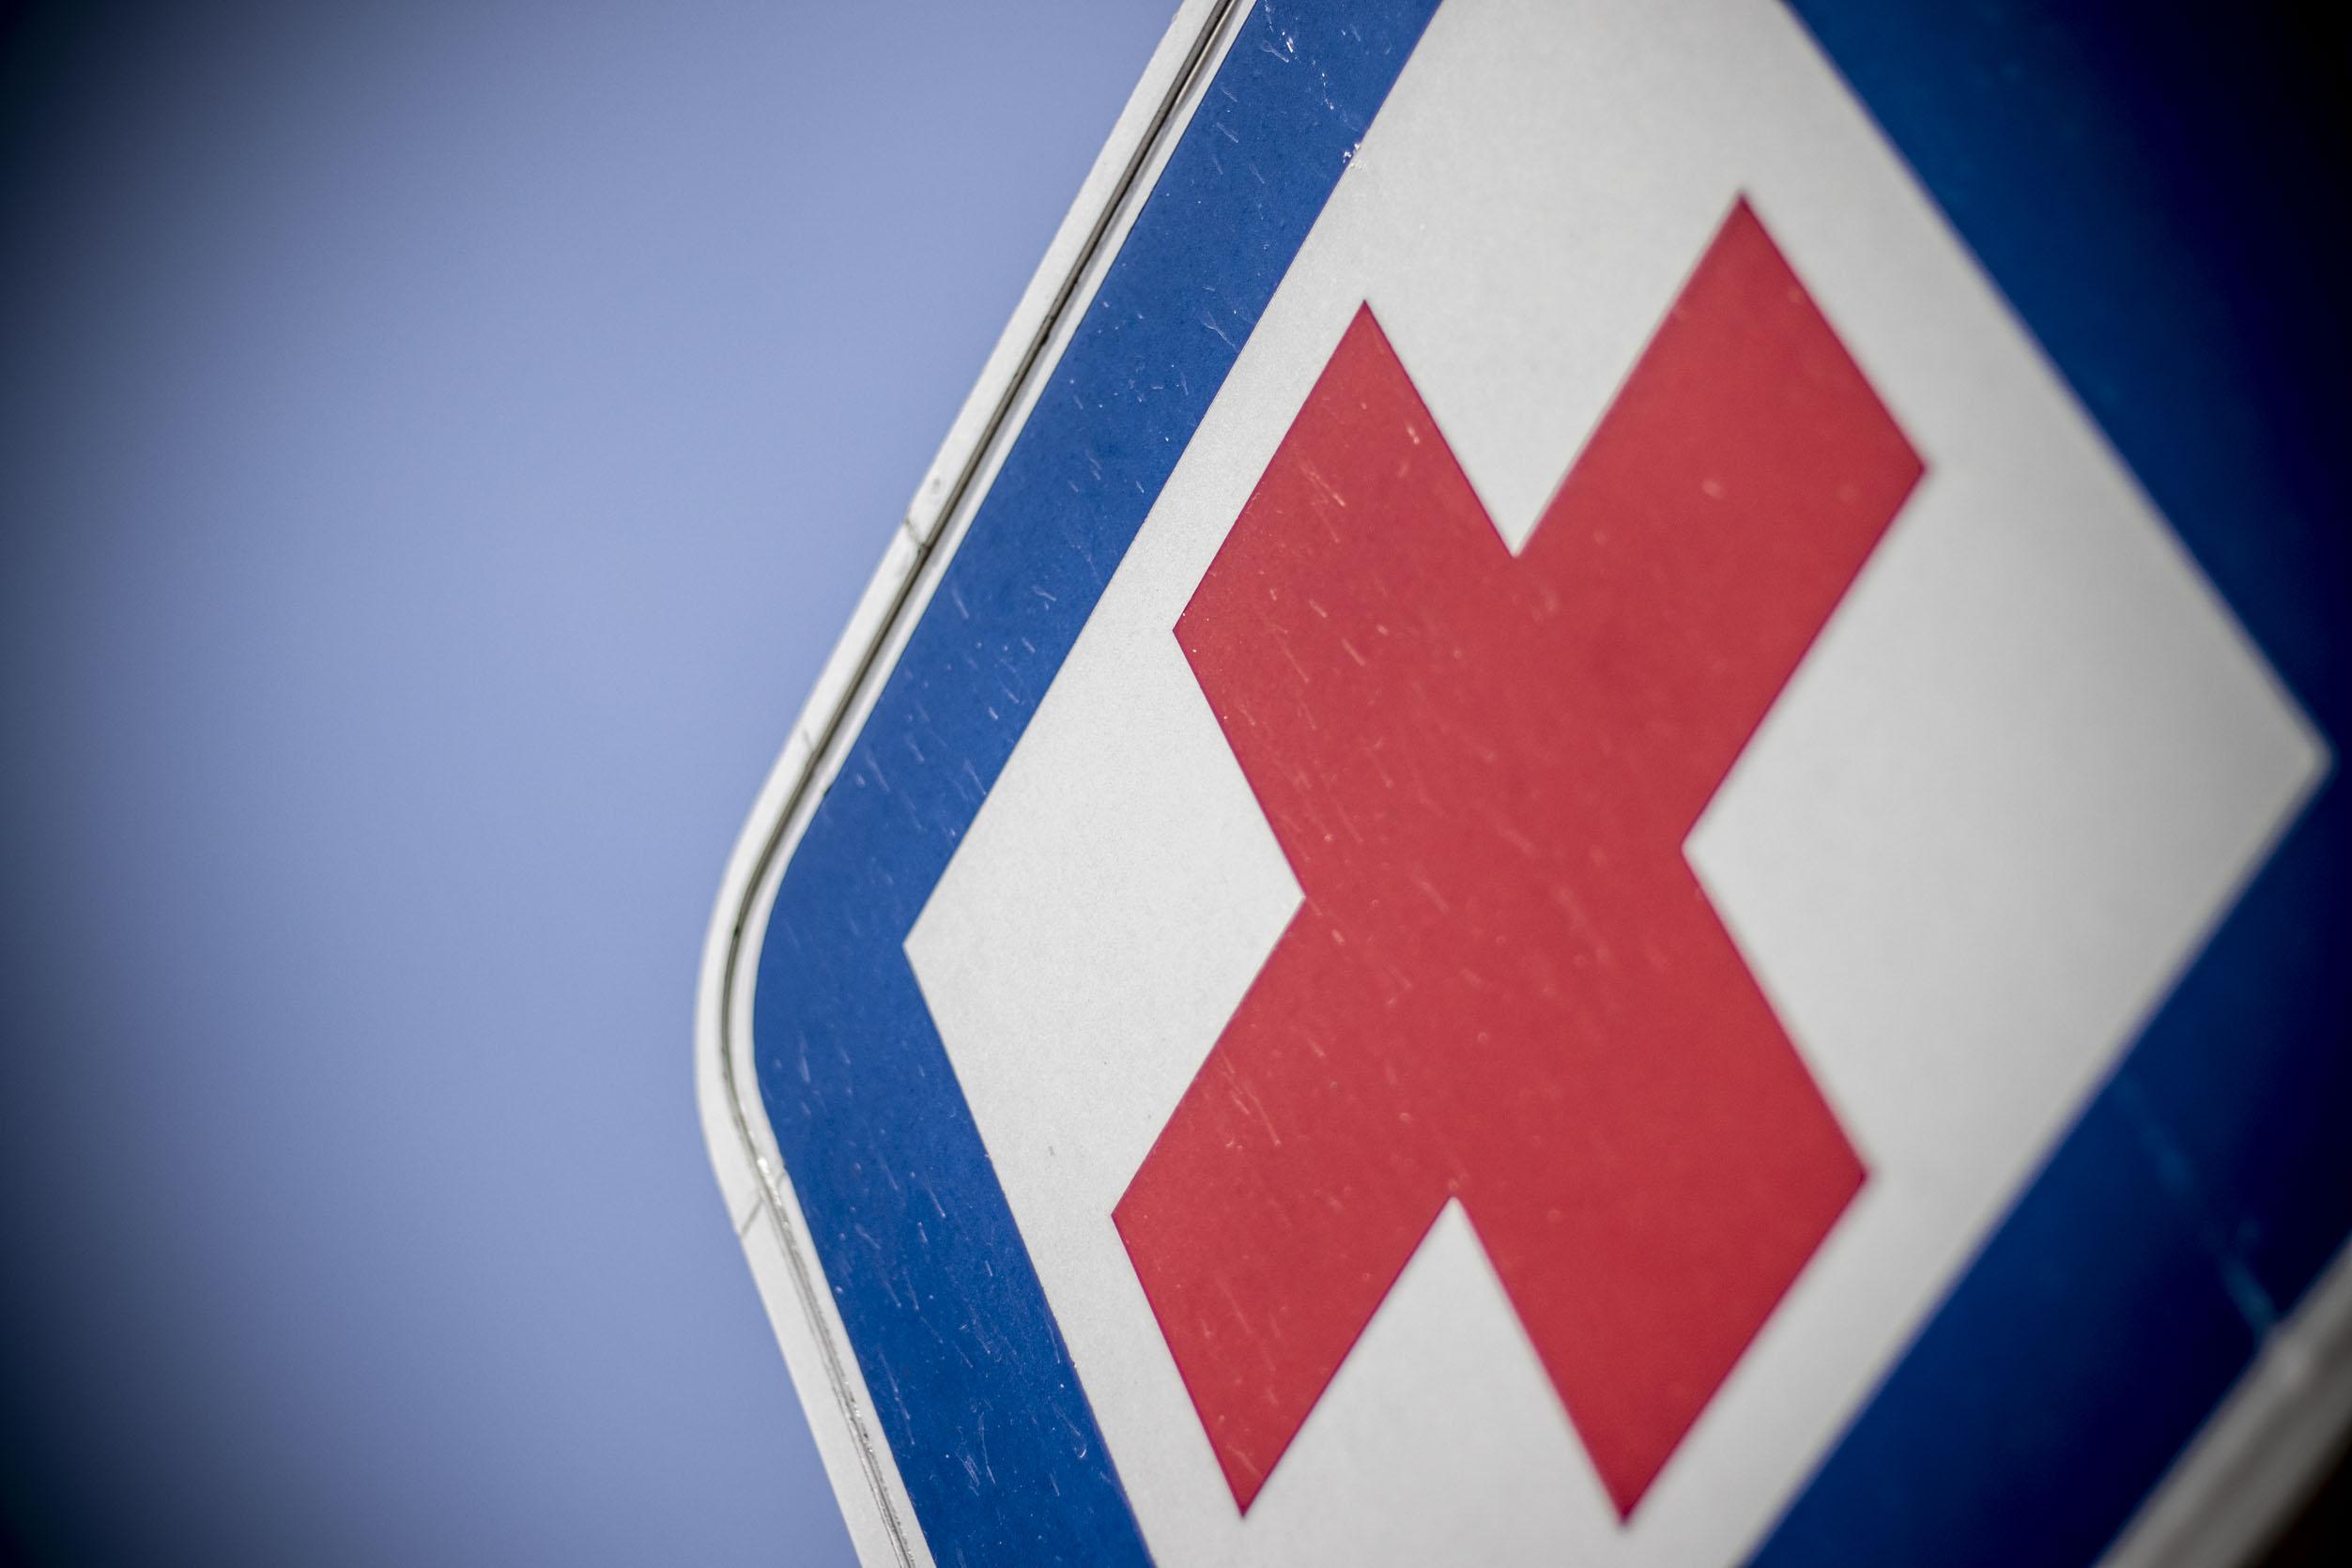 Covid-19: Procura de serviços de urgência caíram 45% em março